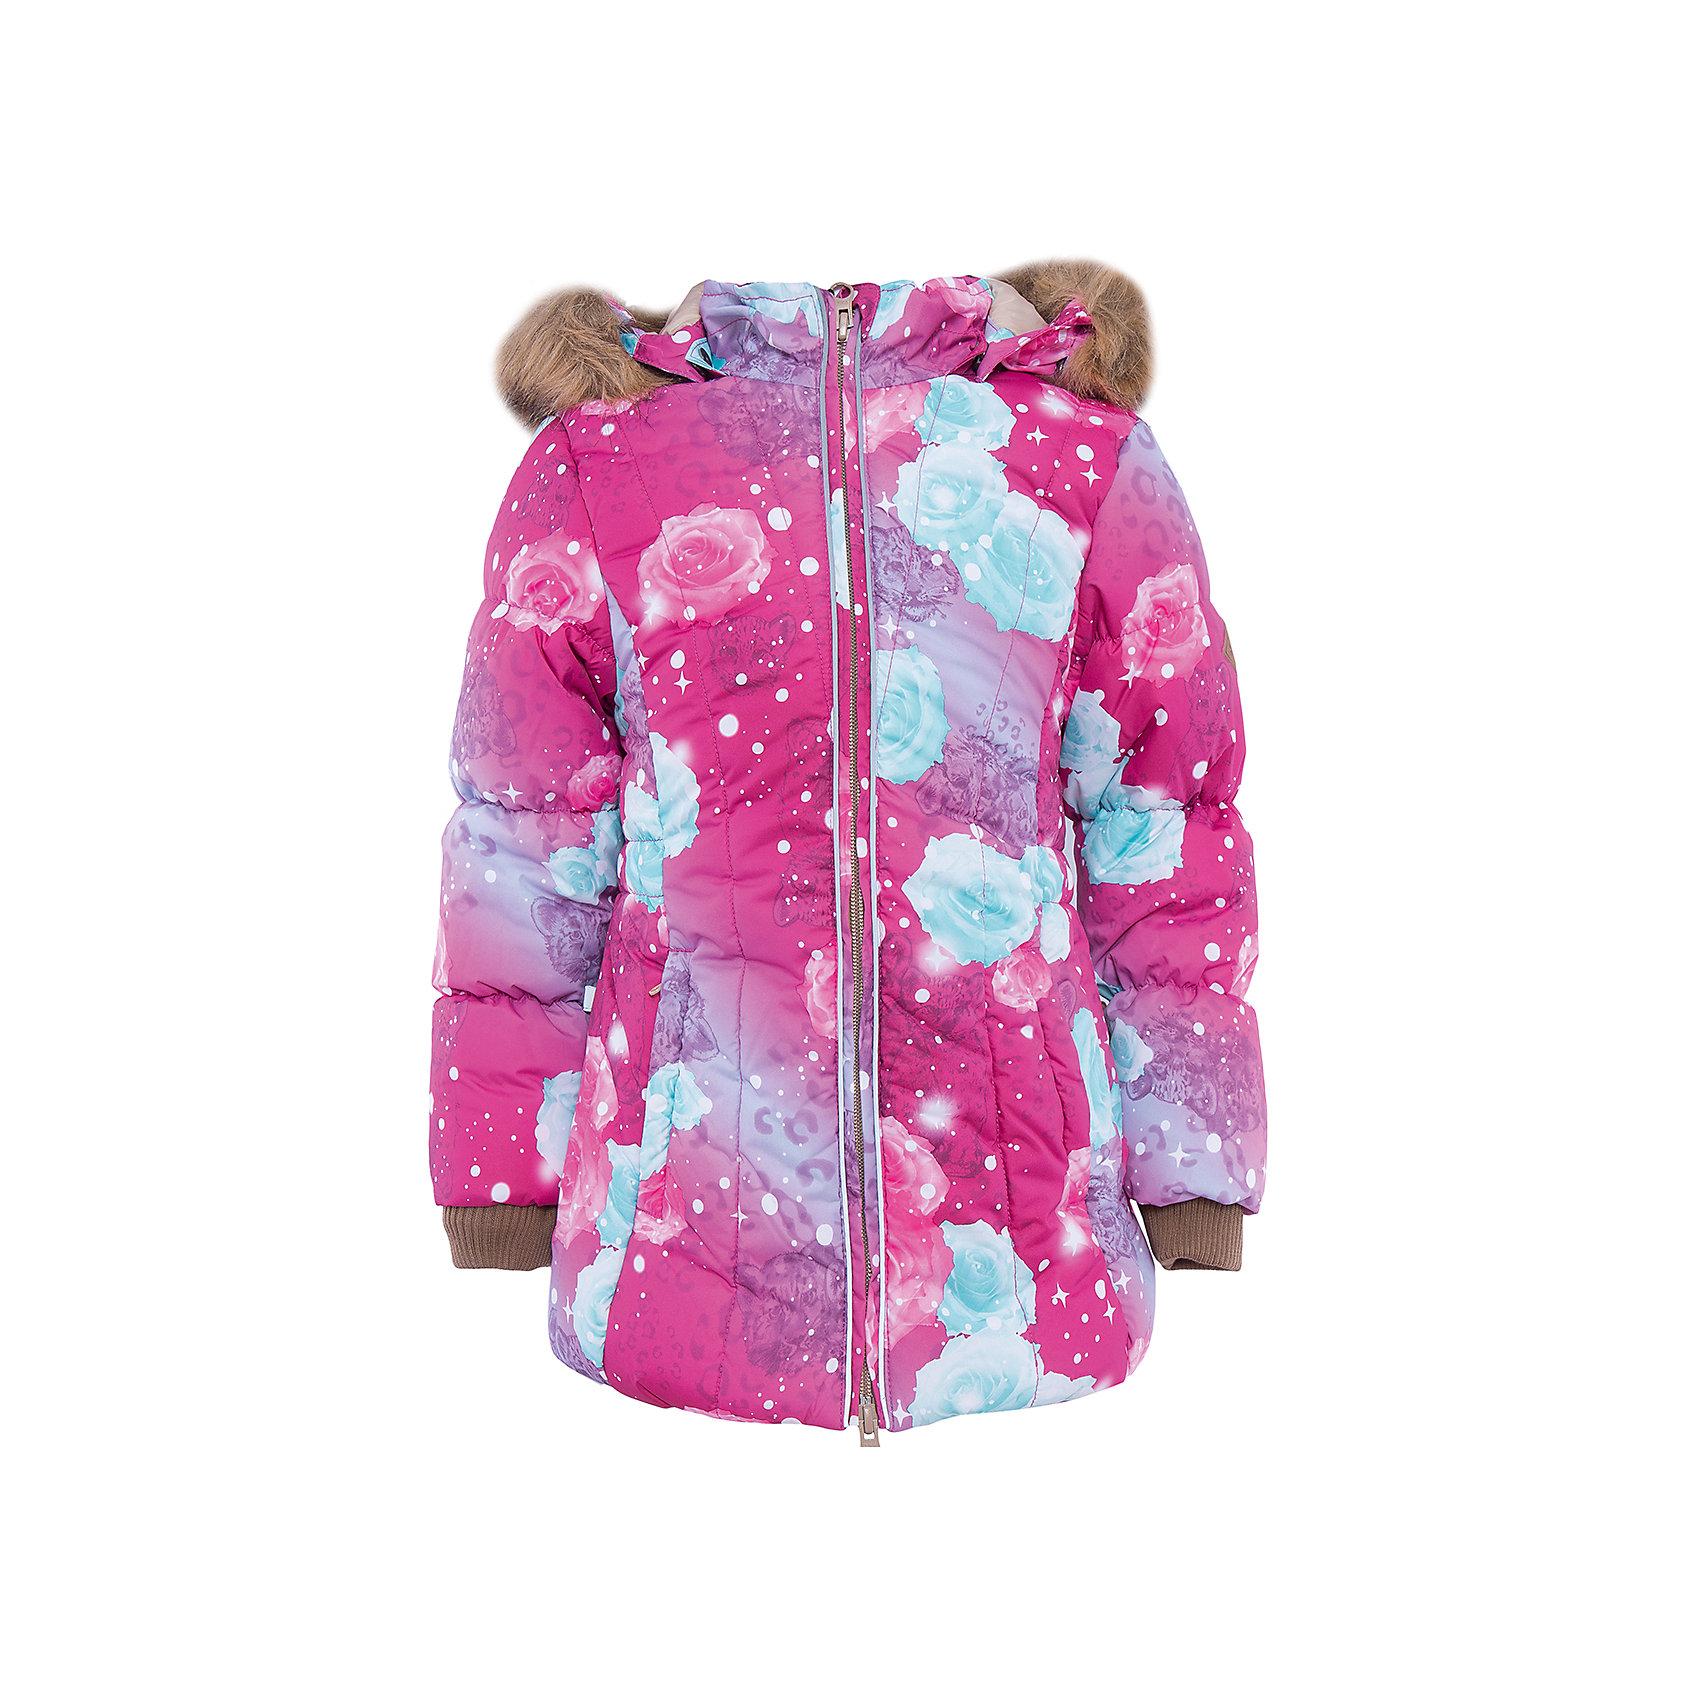 Куртка   для девочки HuppaMETTE Huppa(Хуппа) - утепленная куртка для девочки.<br><br>Утеплитель: 100% полиэстер, 300 гр.<br><br>Температурный режим: до -30 градусов. Степень утепления – высокая. <br><br>* Температурный режим указан приблизительно — необходимо, прежде всего, ориентироваться на ощущения ребенка. Температурный режим работает в случае соблюдения правила многослойности – использования флисовой поддевы и термобелья.<br><br>Она сделана из прочных дышащих материалов, которые не пропускают воду и ветер и выводят лишнюю влагу. Утеплитель HuppaTherm сохранит высокую теплоизоляцию и объем. Кроме того, куртку легко стирать при температуре до 40 градусов и сушить. Приятный дизайн и высокое качество непременно понравятся юной обладательнице такой куртки!<br><br>Особенности:<br>-съемный мех на капюшоне<br>-светоотражающие элементы<br>-отстегивающийся капюшон<br>-скрытые манжеты на рукавах<br><br>Дополнительная информация: <br>Материал: 100% полиэстер<br>Подкладка: тафта - 100% полиэстер<br>Цвет: розовый/голубой<br><br>Куртку METTE Huppa(Хуппа) можно приобрести в нашем интернет-магазине.<br><br>Ширина мм: 356<br>Глубина мм: 10<br>Высота мм: 245<br>Вес г: 519<br>Цвет: розовый<br>Возраст от месяцев: 108<br>Возраст до месяцев: 120<br>Пол: Женский<br>Возраст: Детский<br>Размер: 140,128,122,116,110,104,134<br>SKU: 4928289